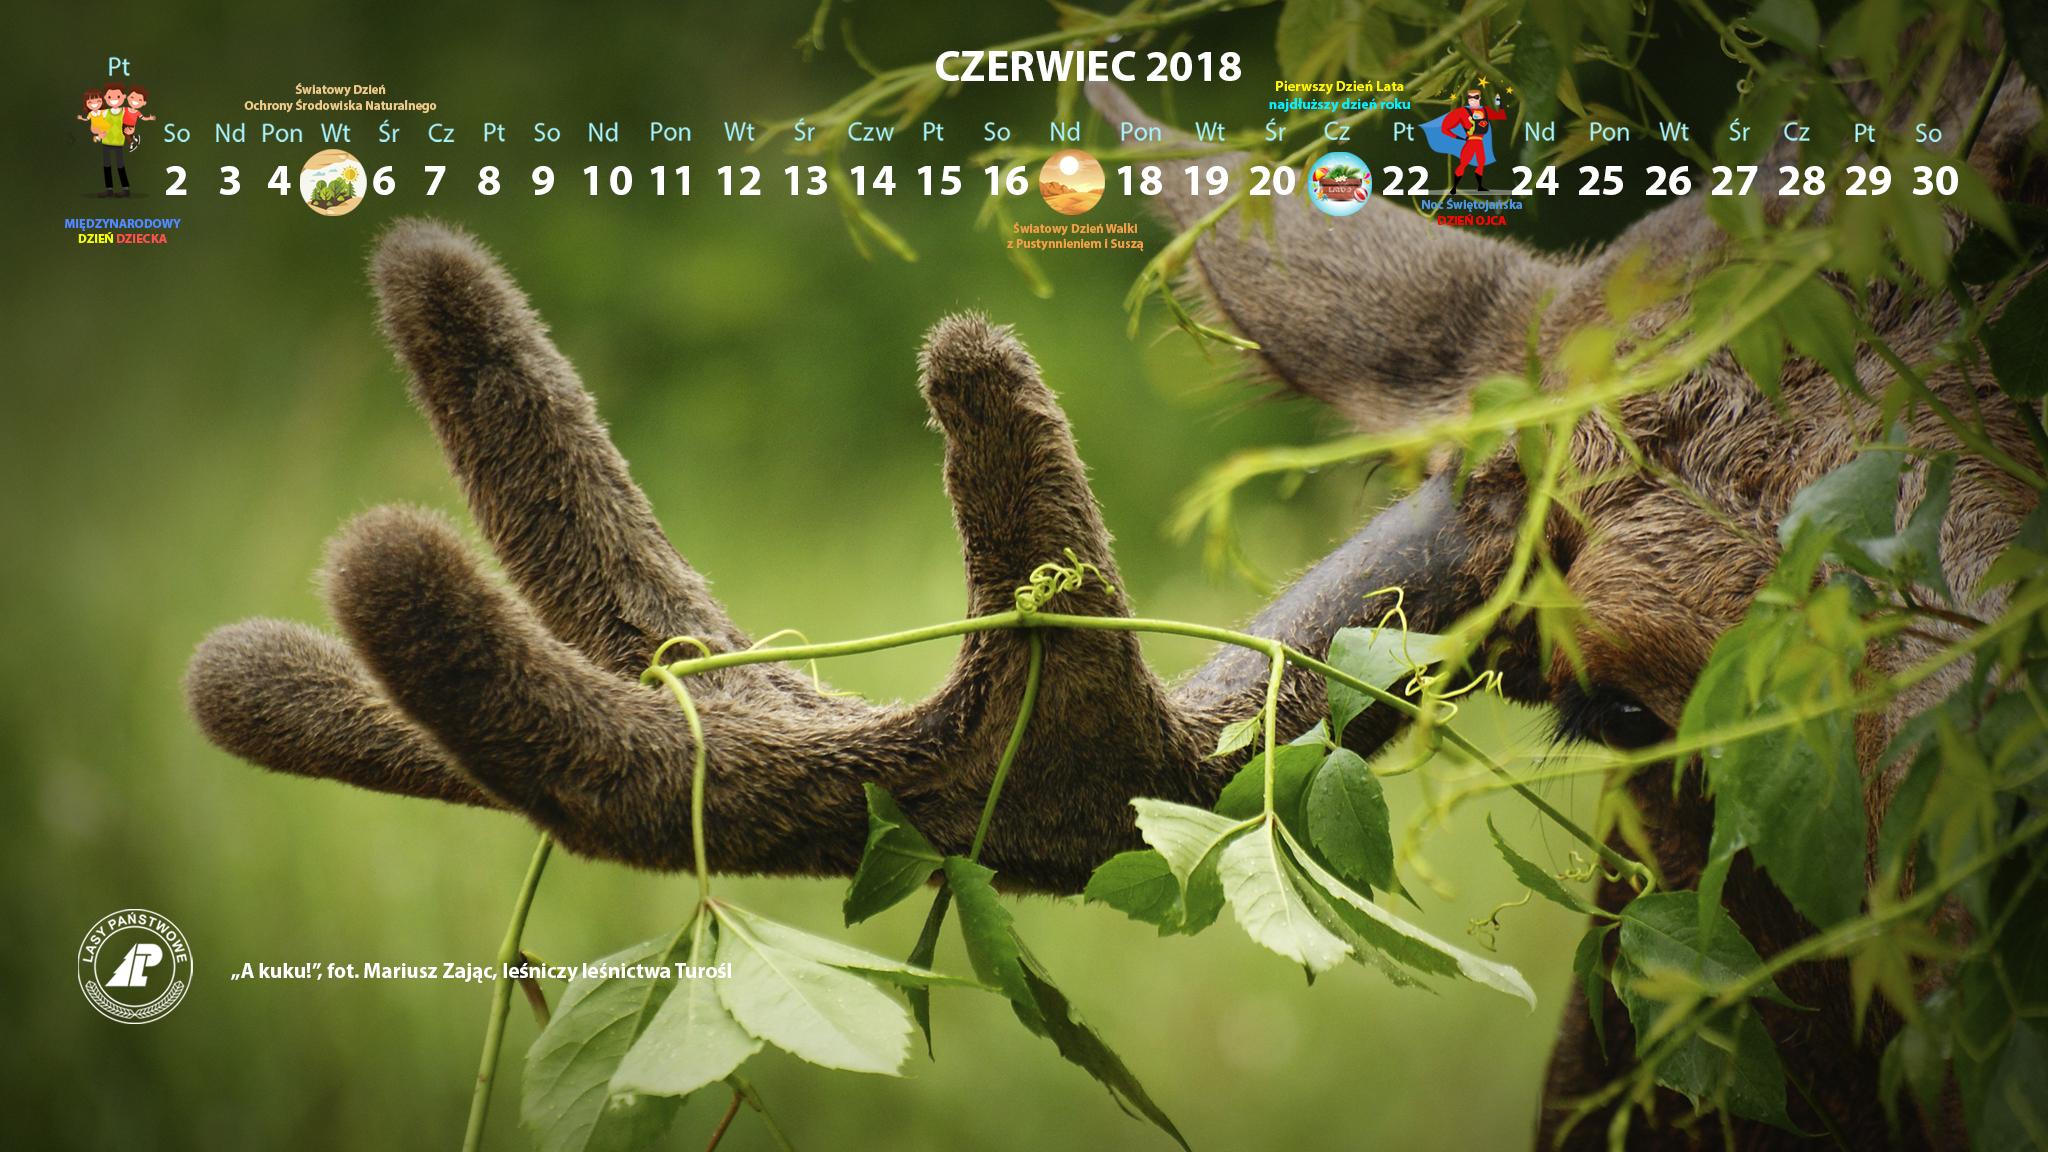 Kalendarz_czerwiec_2018_2048x1152[1].jpg